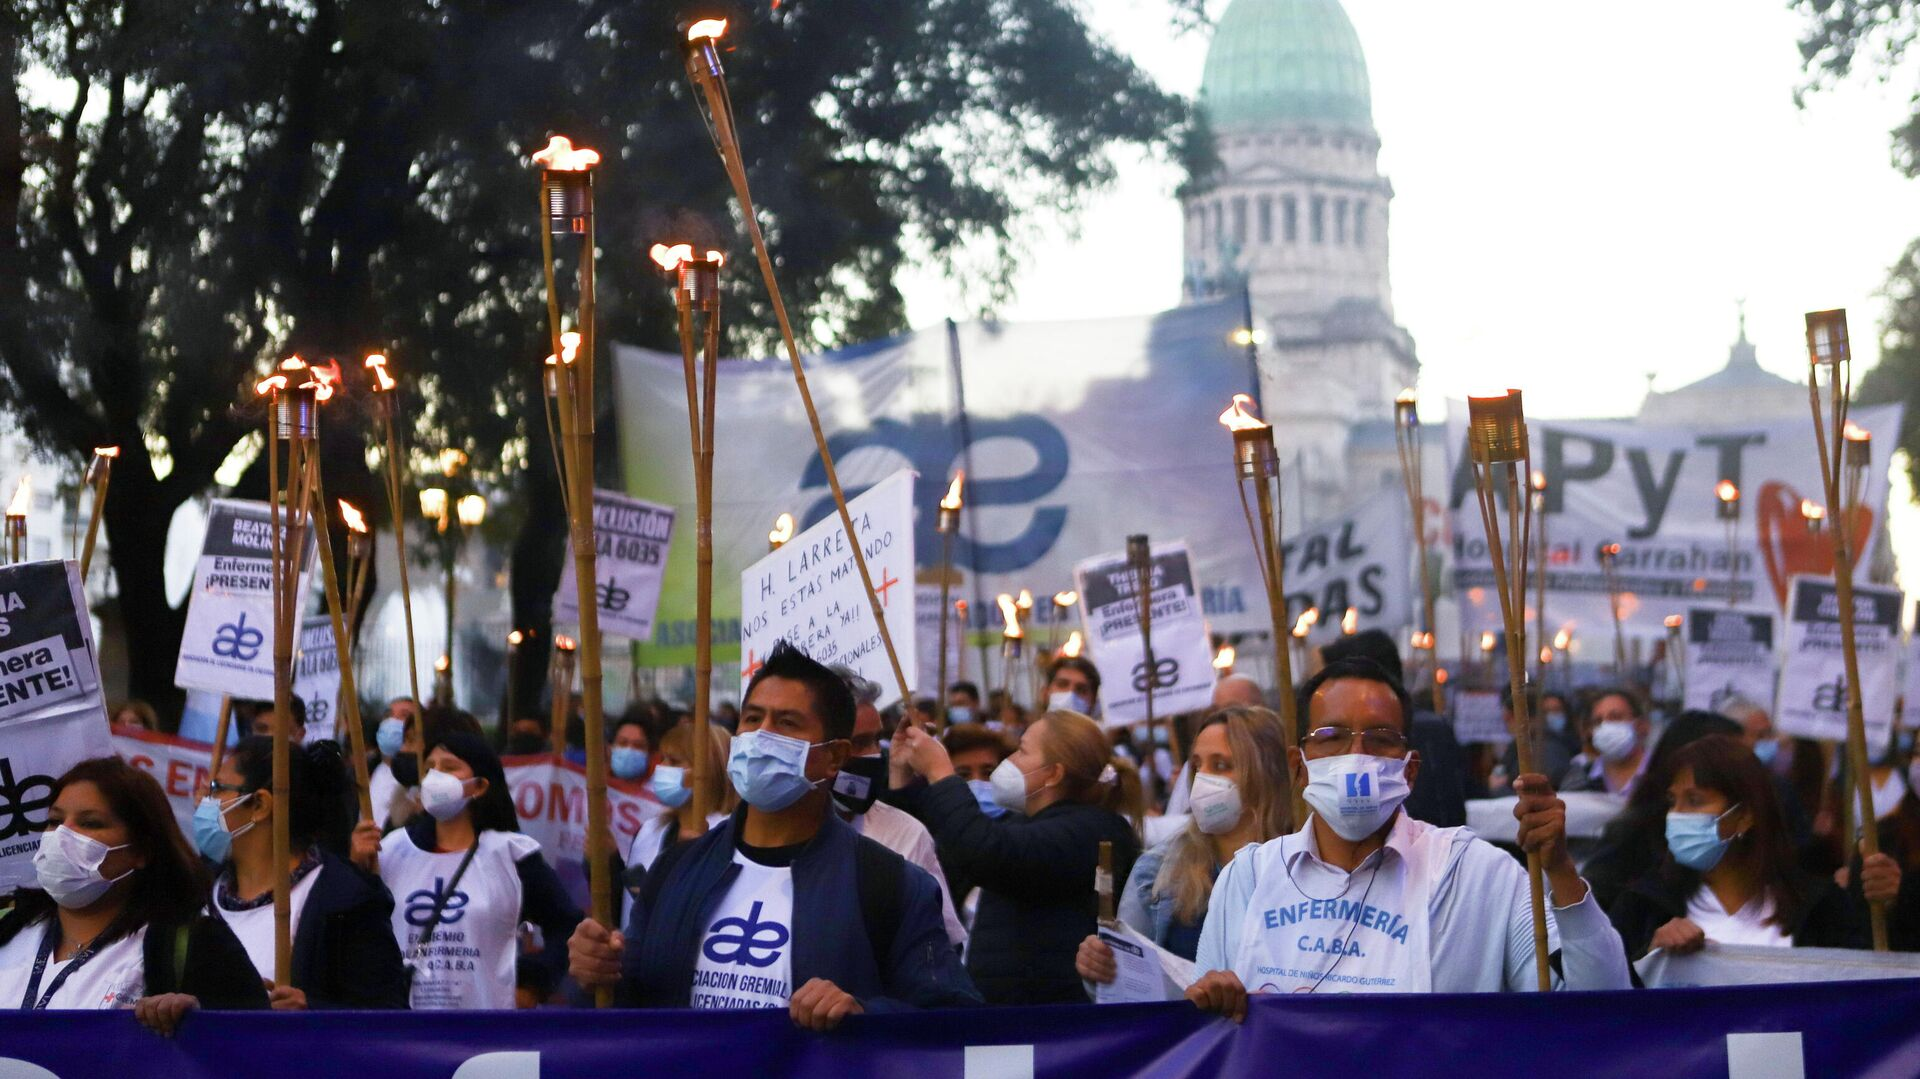 Protesta de los trabajadores de la salud en Buenos Aires, Argentina - Sputnik Mundo, 1920, 19.05.2021